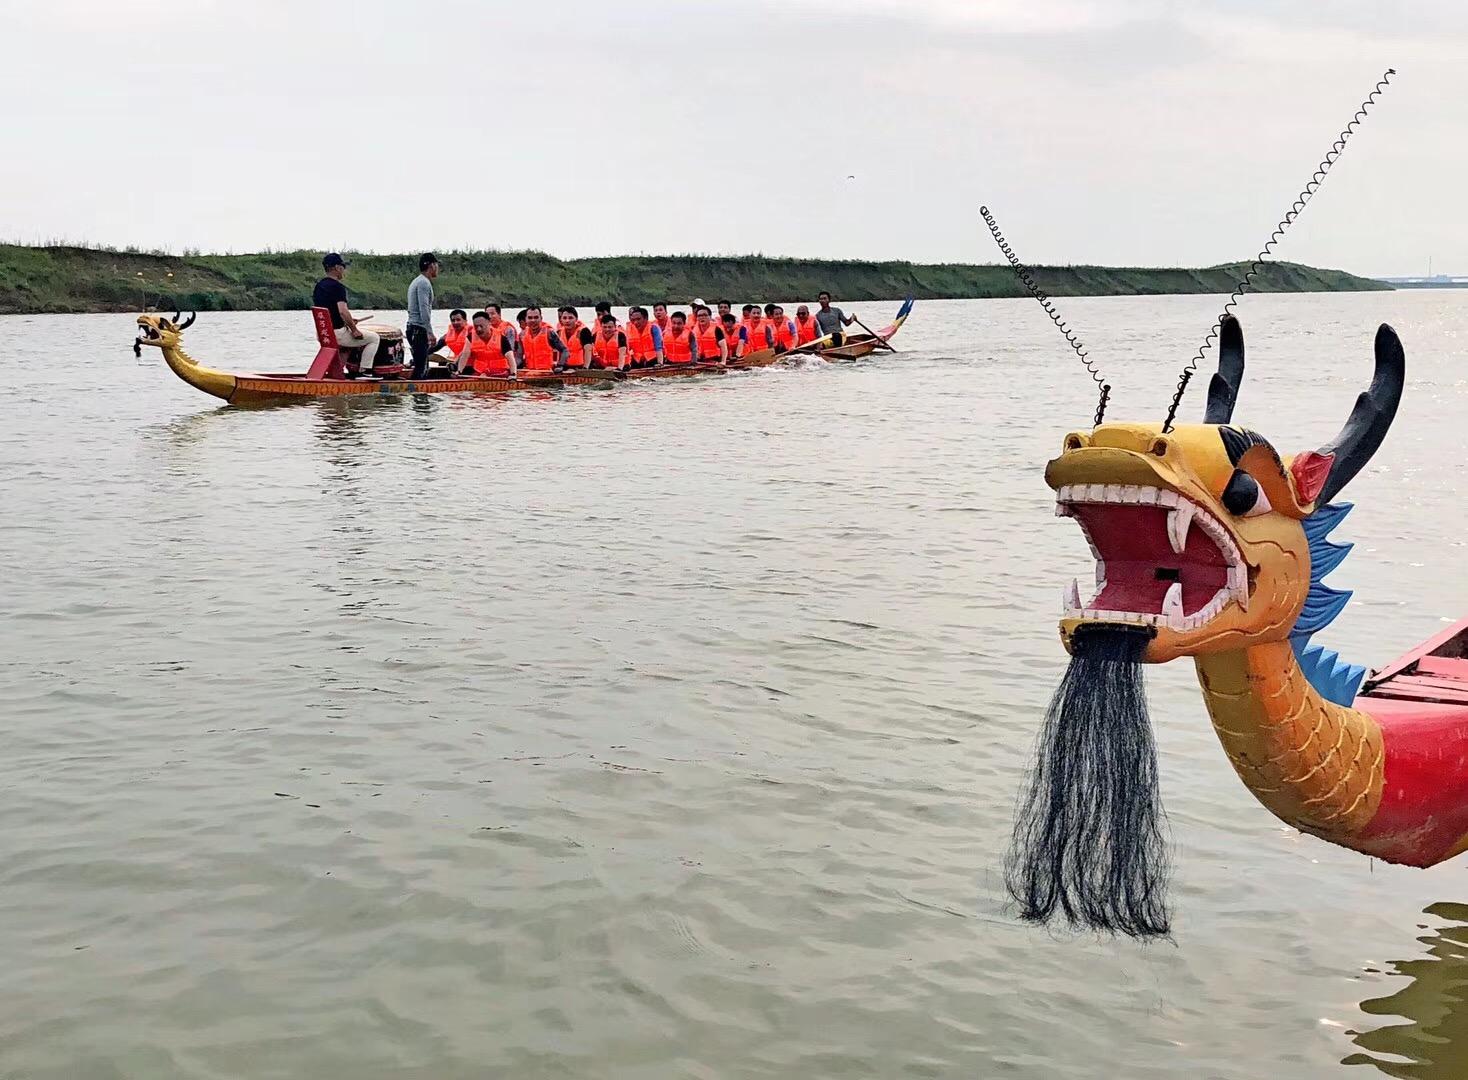 端午汨罗|又近端午,第十四届中国汨罗江国际龙舟节准备工作如火如荼